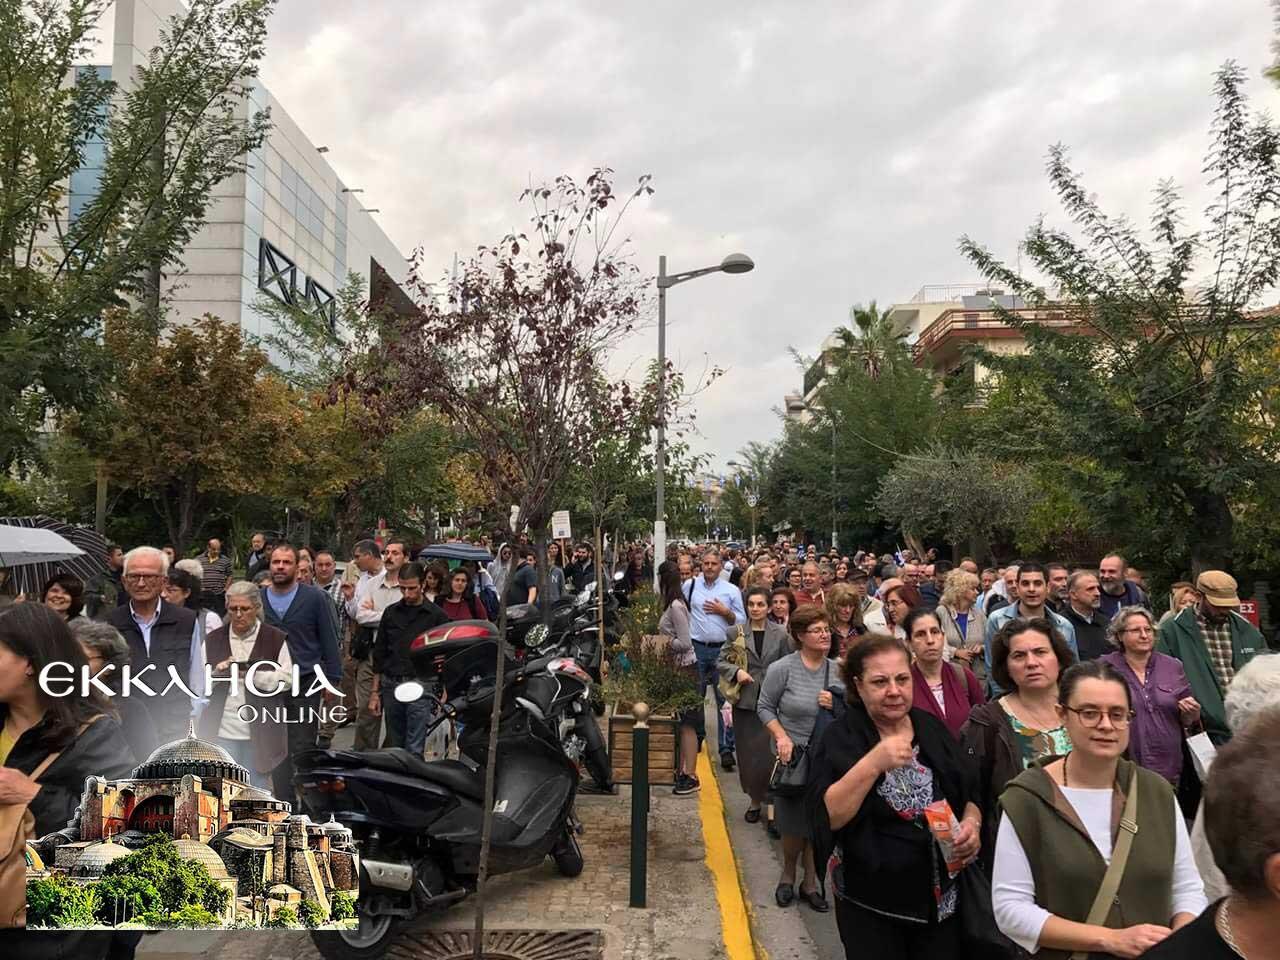 Συλλαλητήριο πορεία Λέμε ΟΧΙ στα Νέα Θρησκευτικά